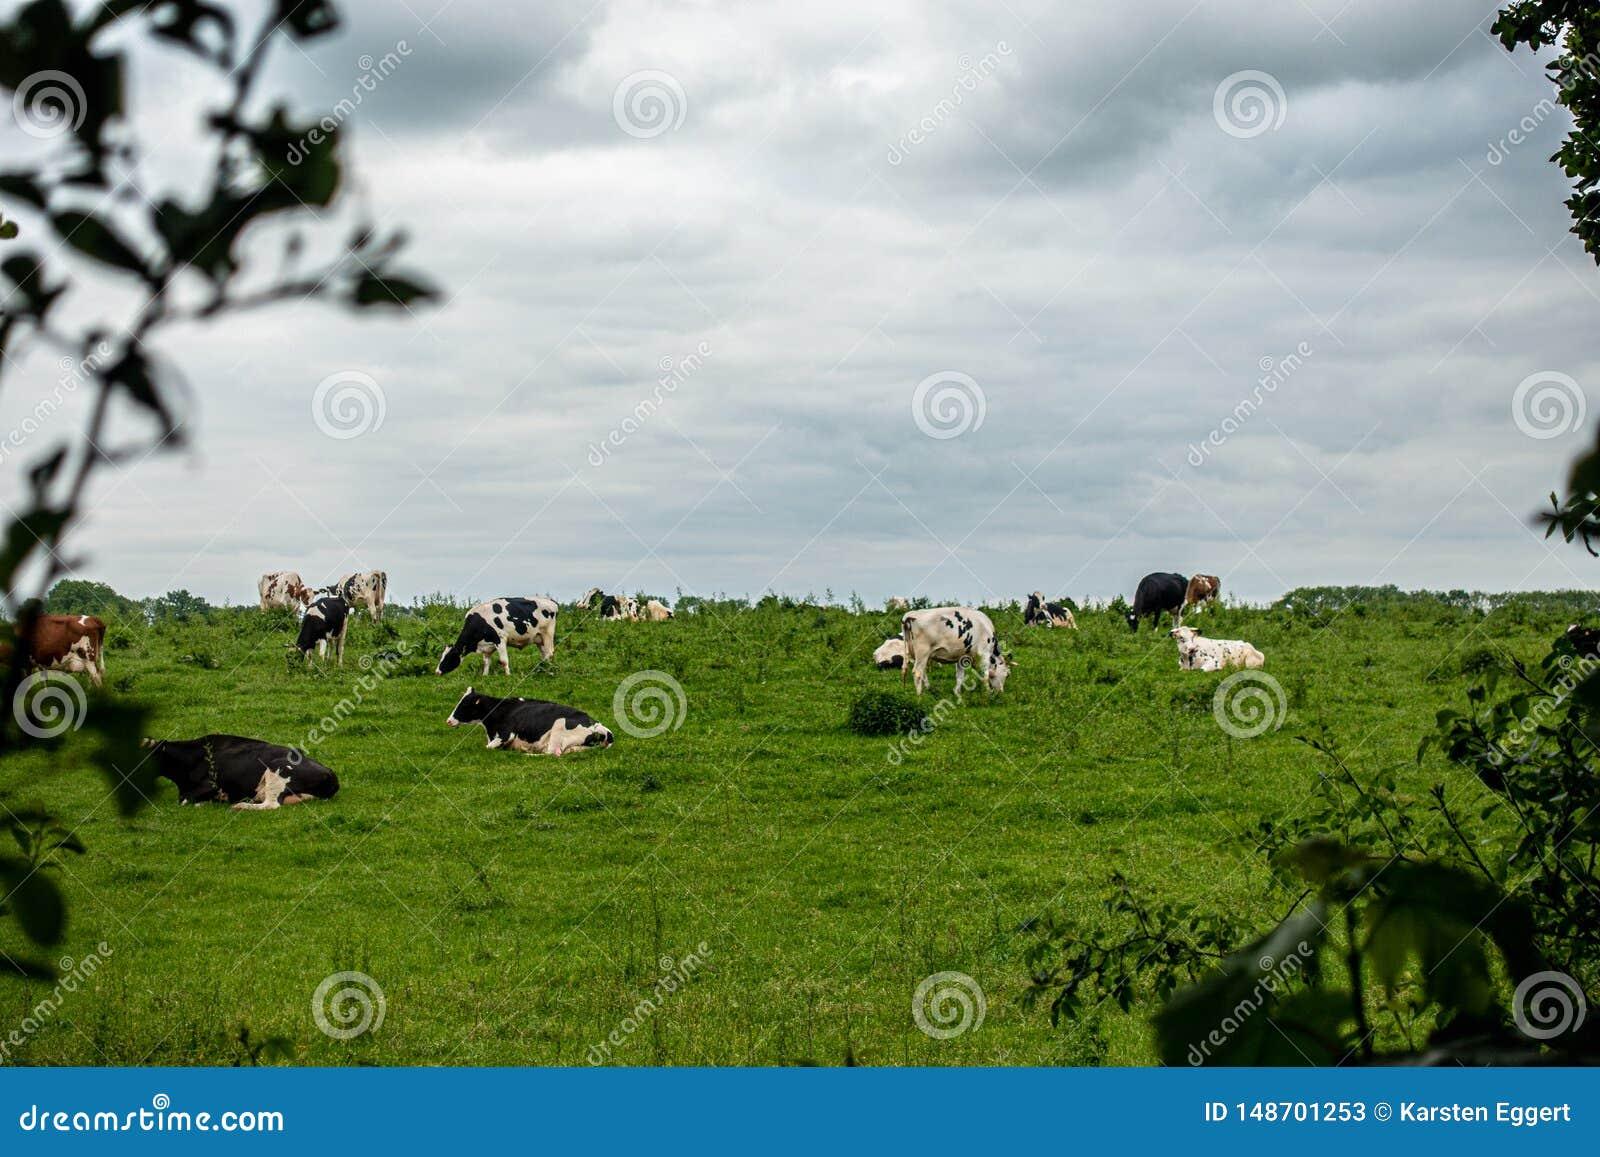 La manada de vacas blancos y negros se coloca en un prado verde y el cielo es cubierto